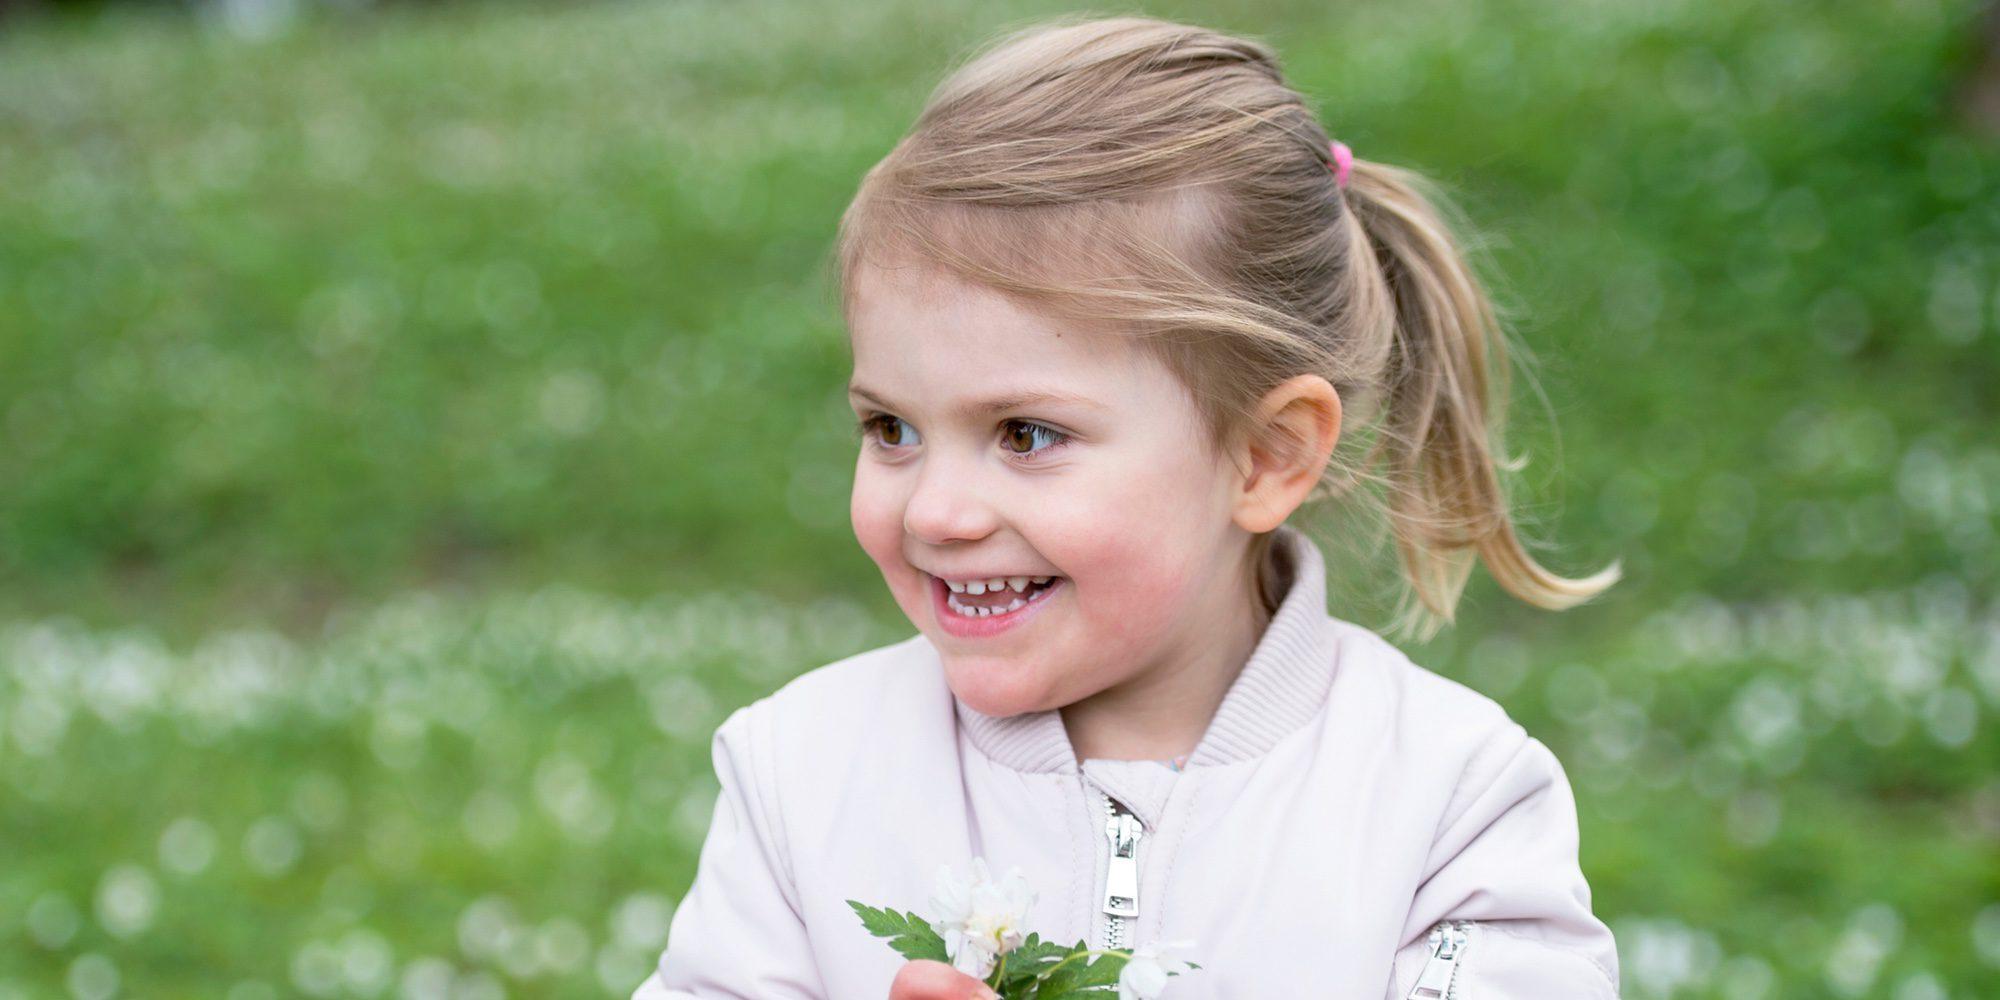 Los 5 momentos más graciosos de Estela de Suecia, la princesa más espontánea de la realeza europea